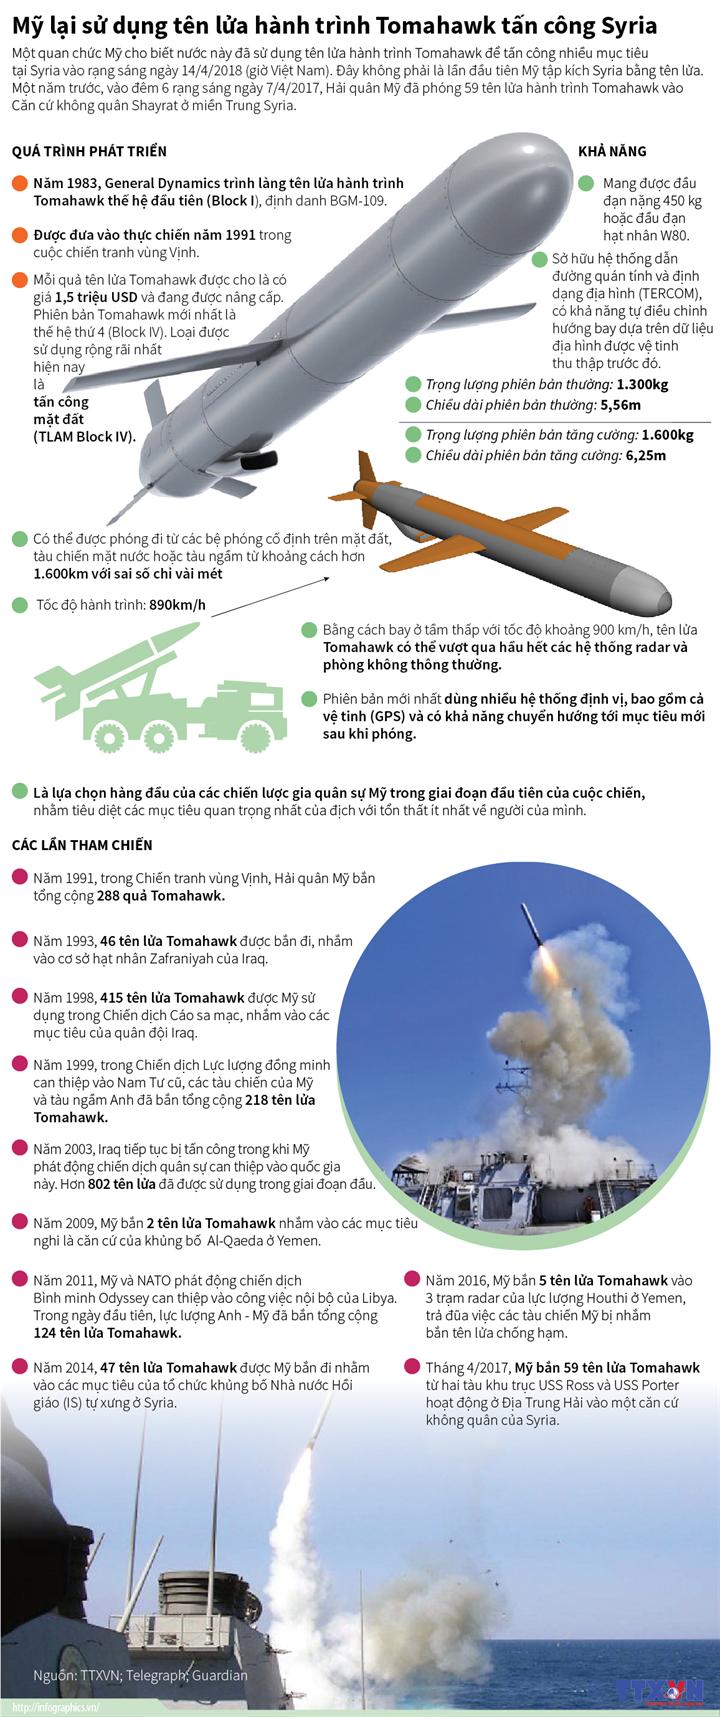 Mỹ lại sử dụng tên lửa hành trình Tomahawk tấn công Syria